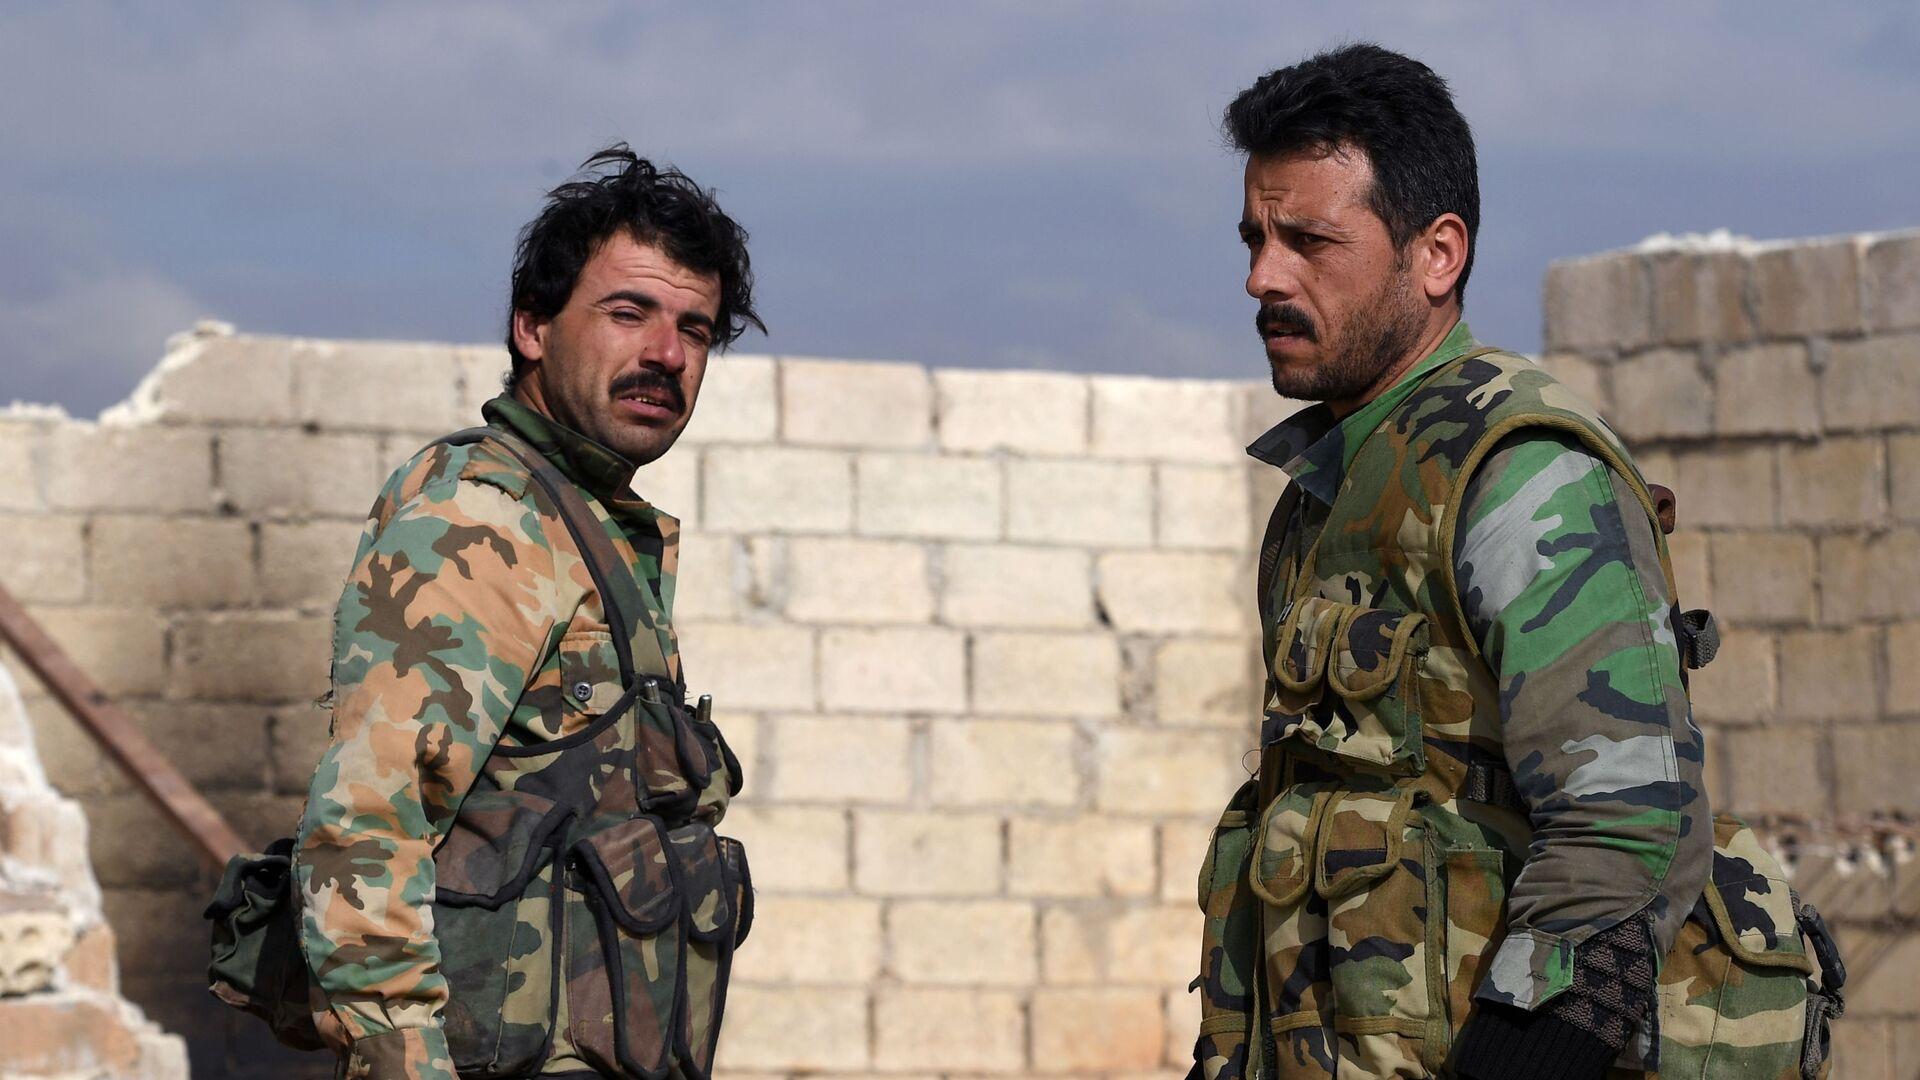 Los militares del Ejército sirio  - Sputnik Mundo, 1920, 02.07.2021